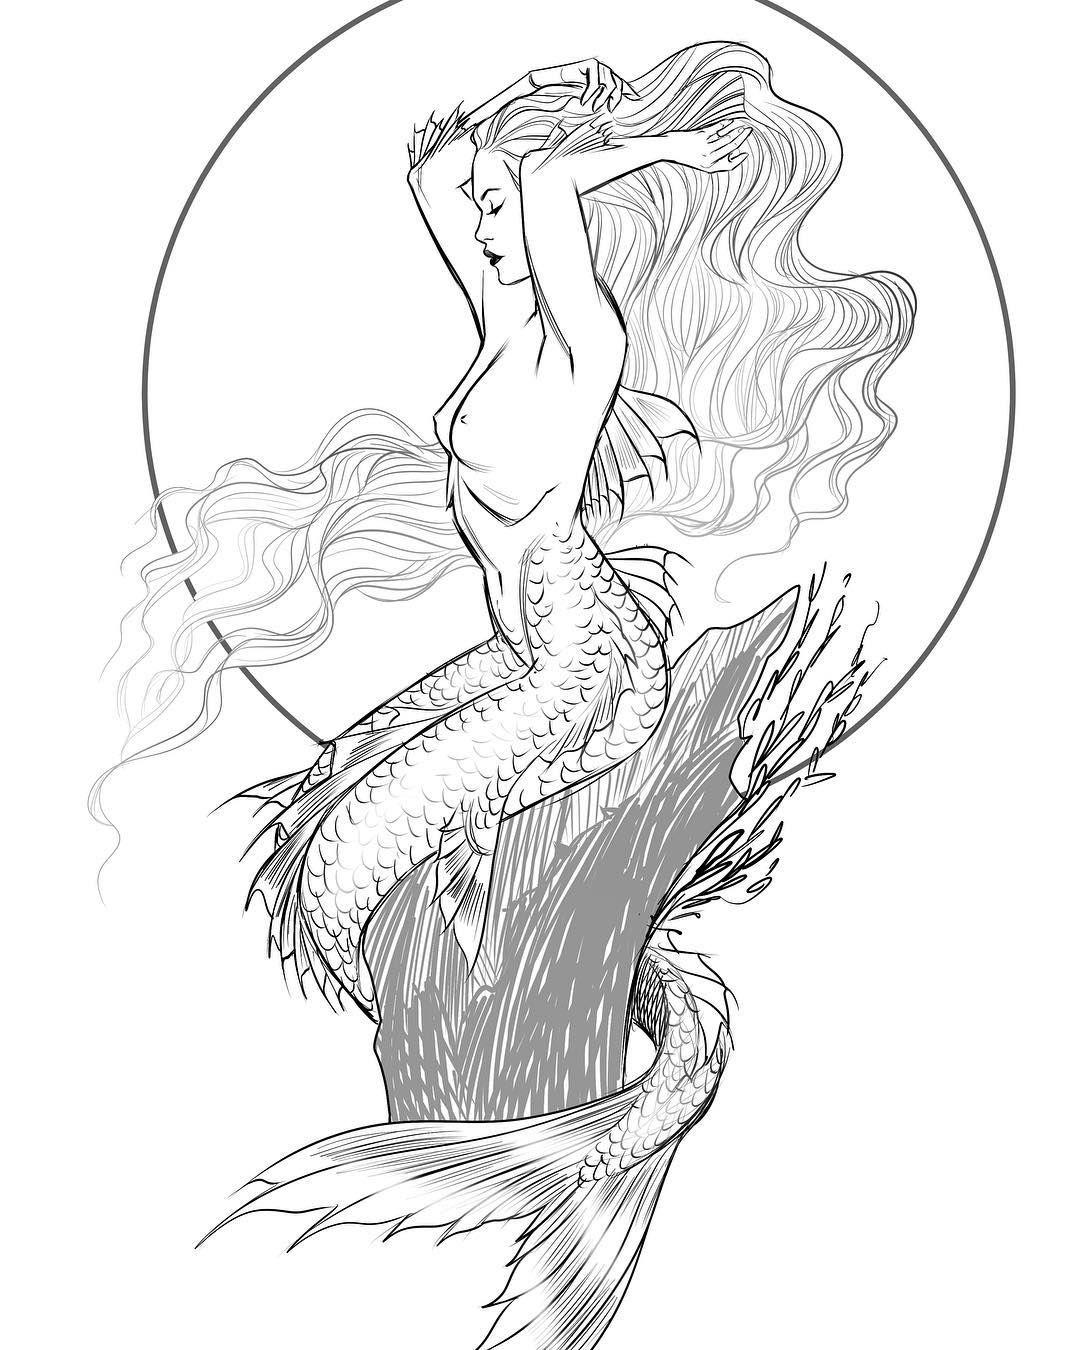 Mermay Sketch Mermay2018 Mermaid Sea Art Draw Quick